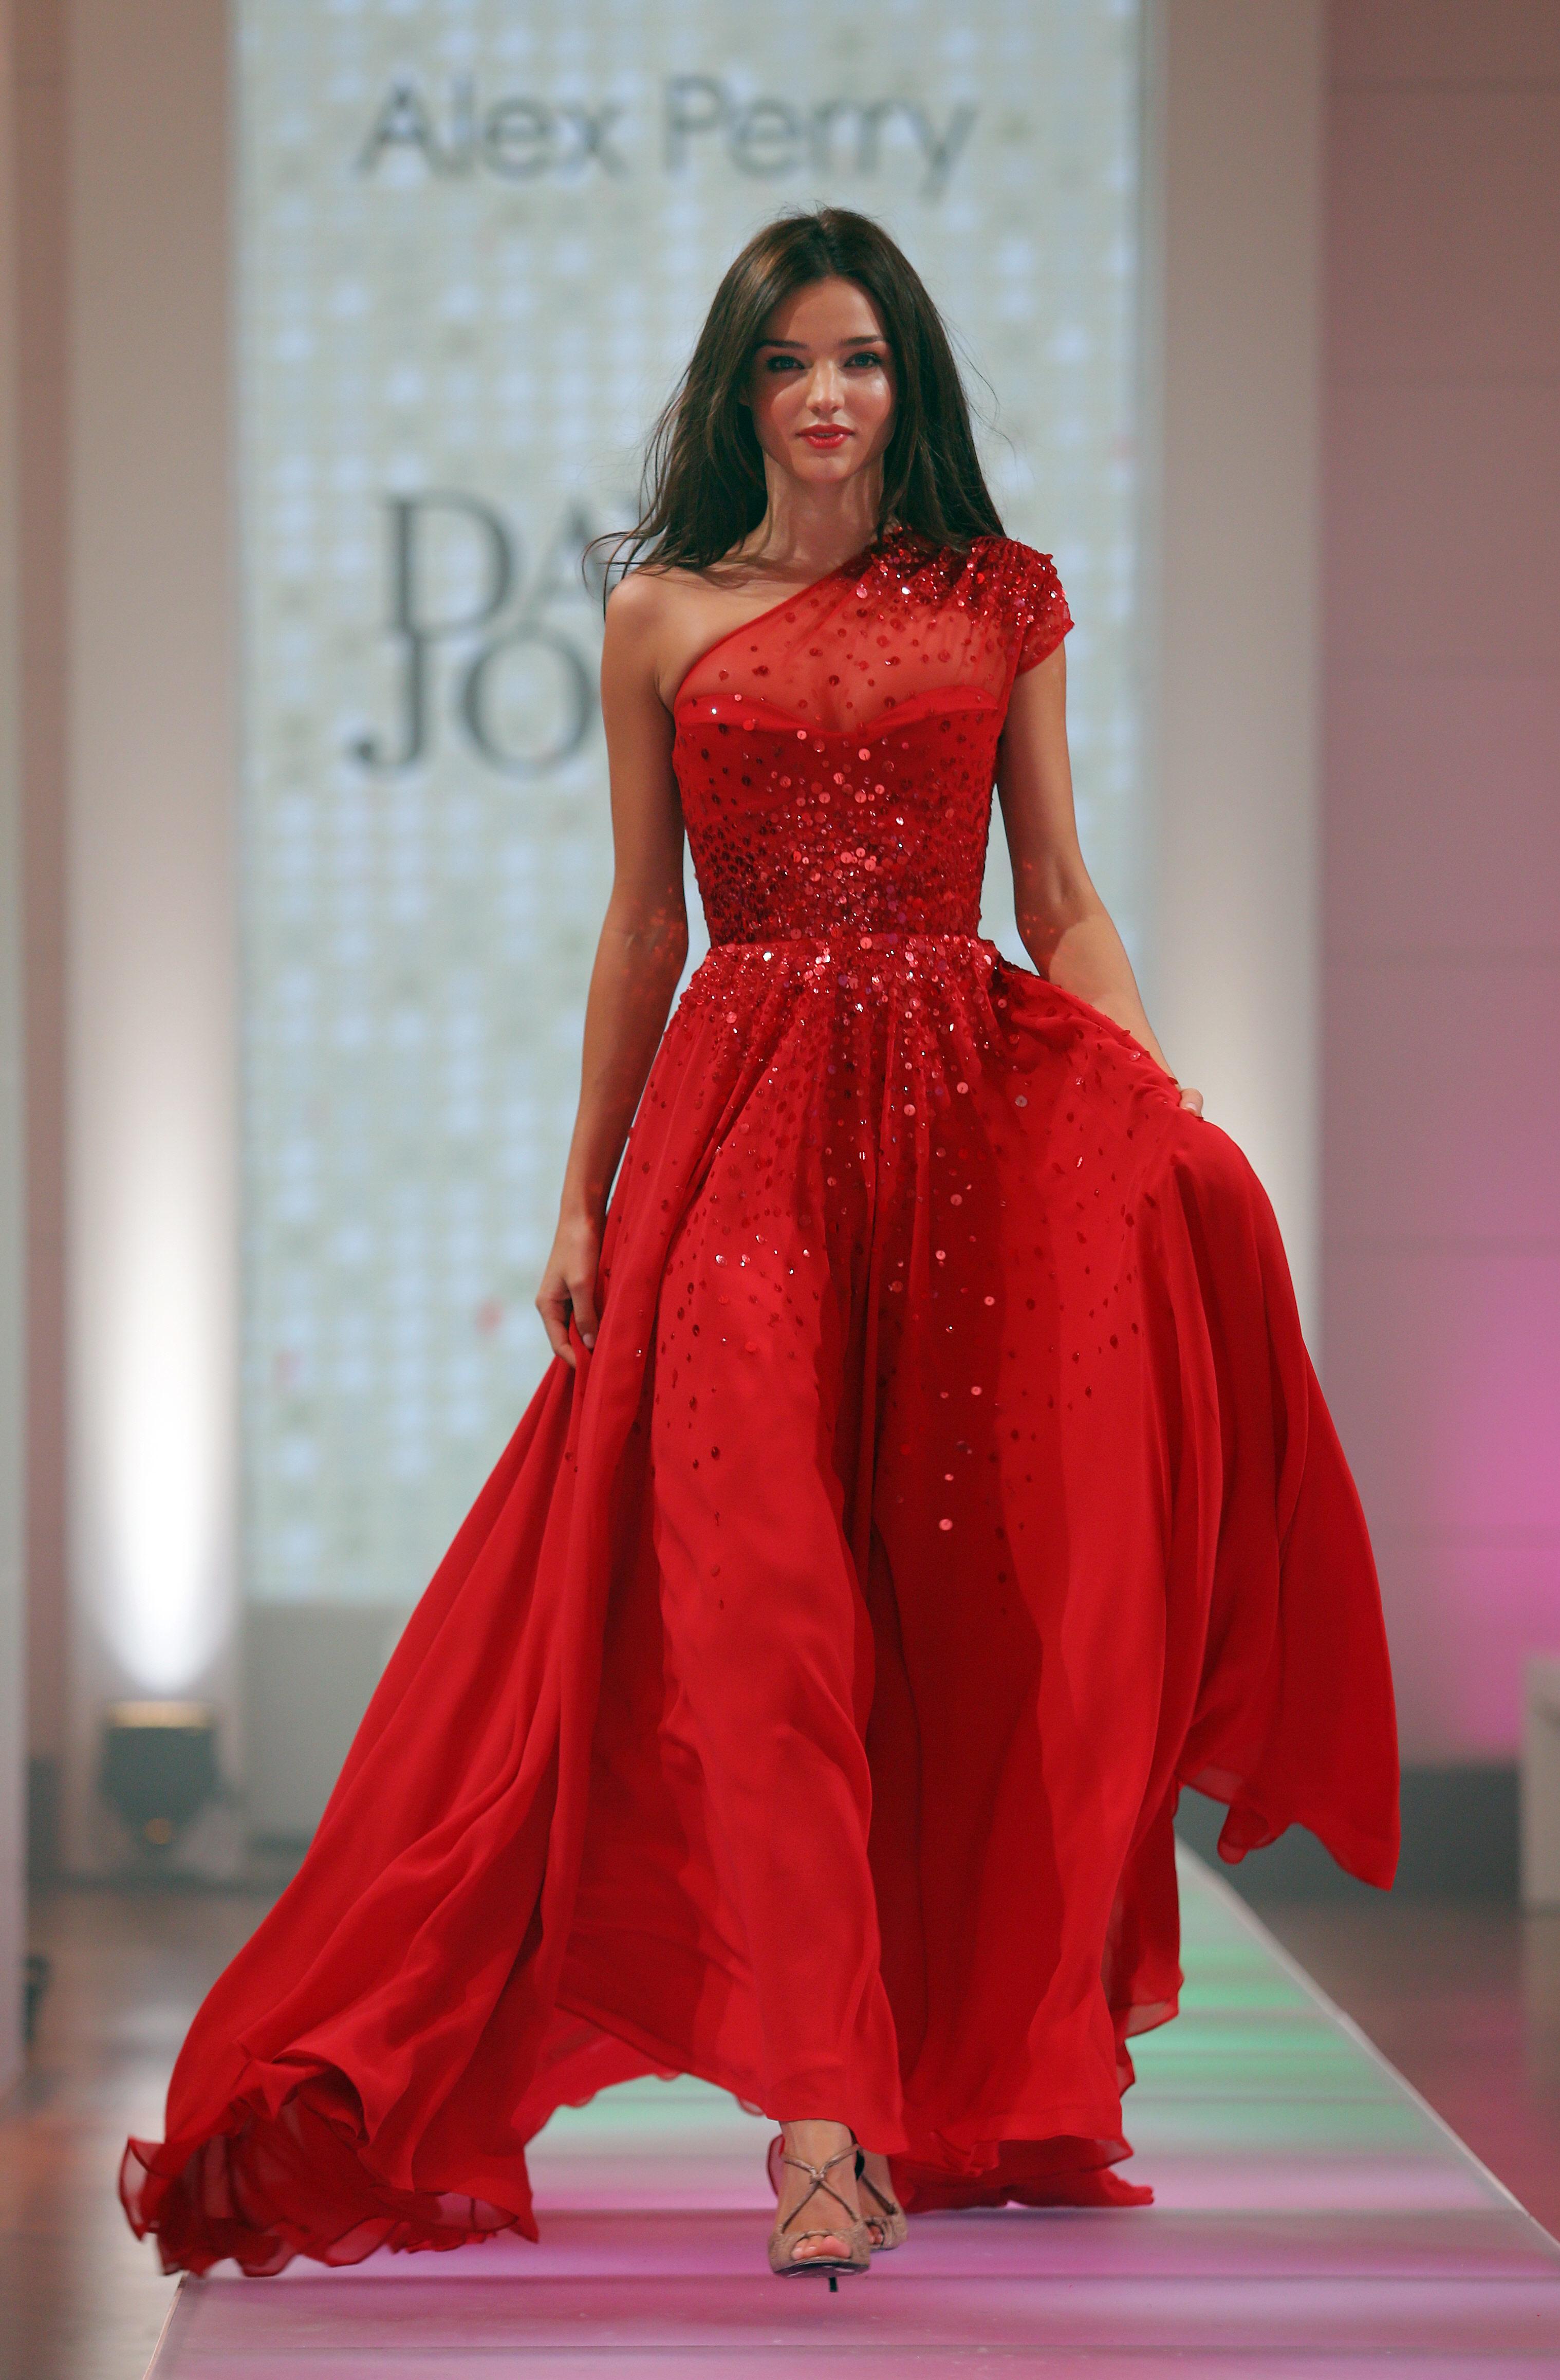 Miranda Kerr glittery dress